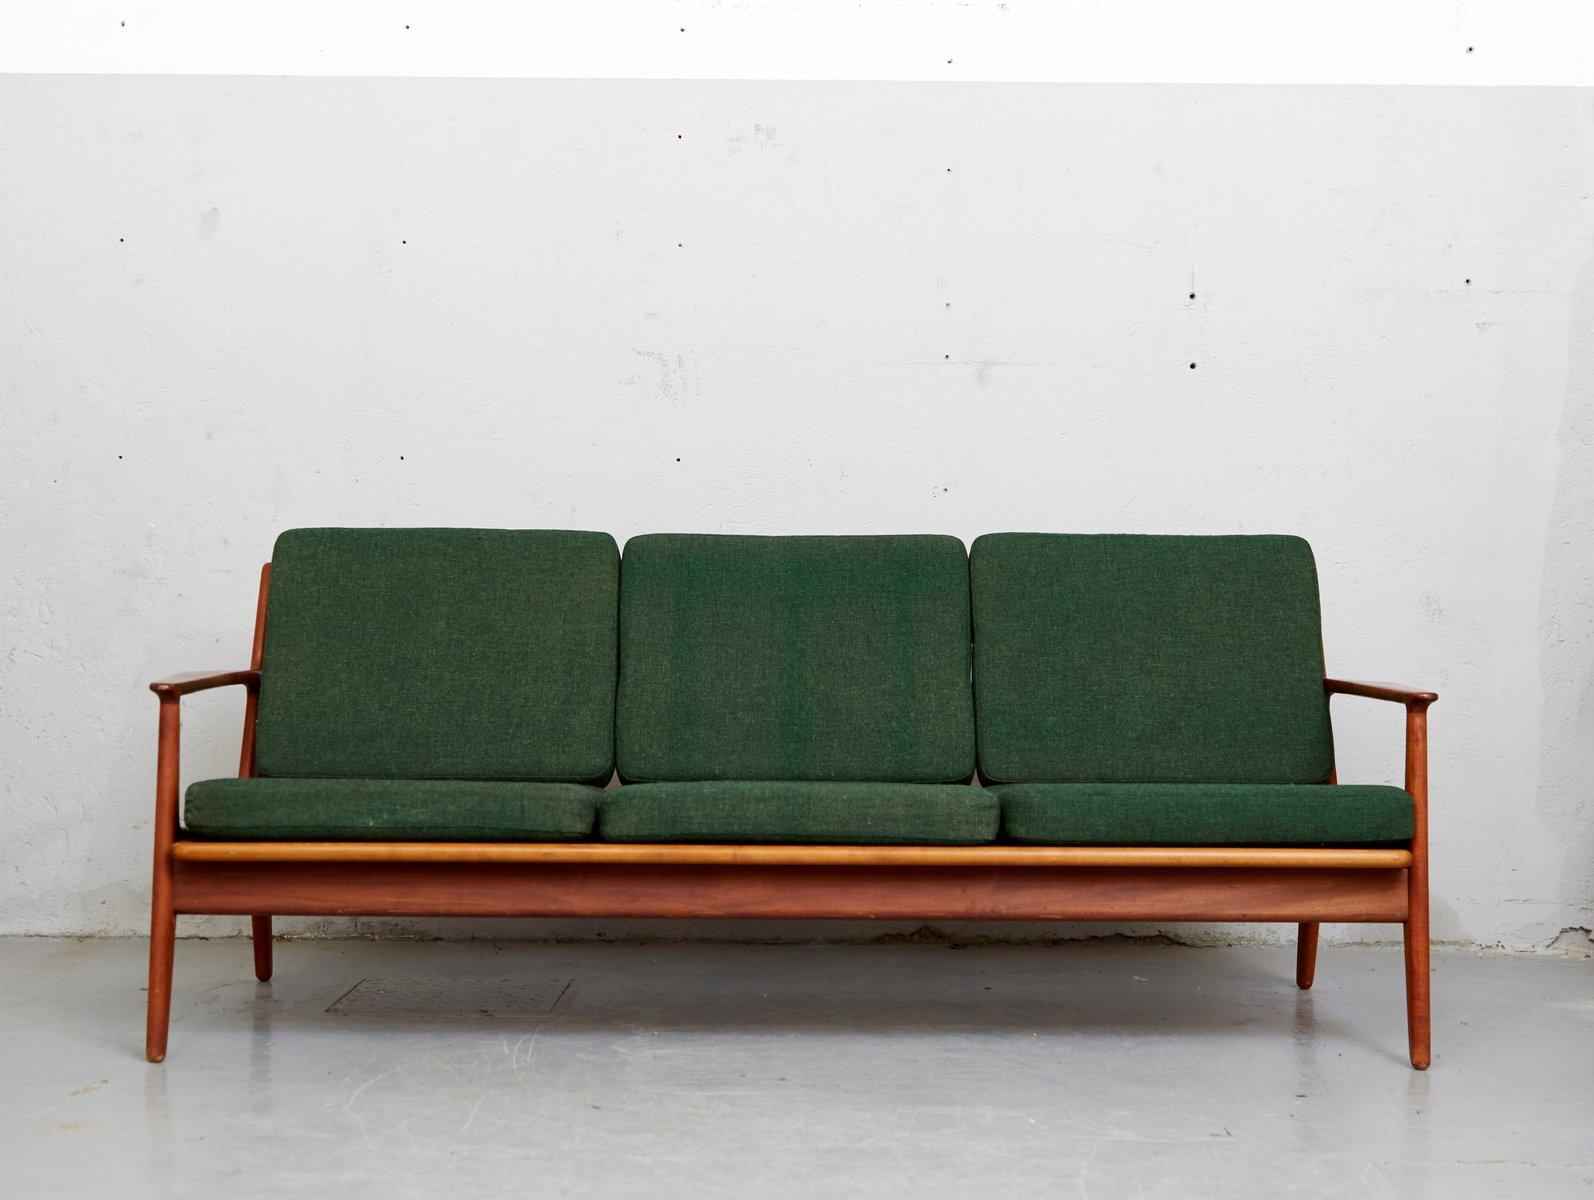 Mid Century Teak Sofa By Arne Vodder For Vamo Sonderborg For Sale At Pamono